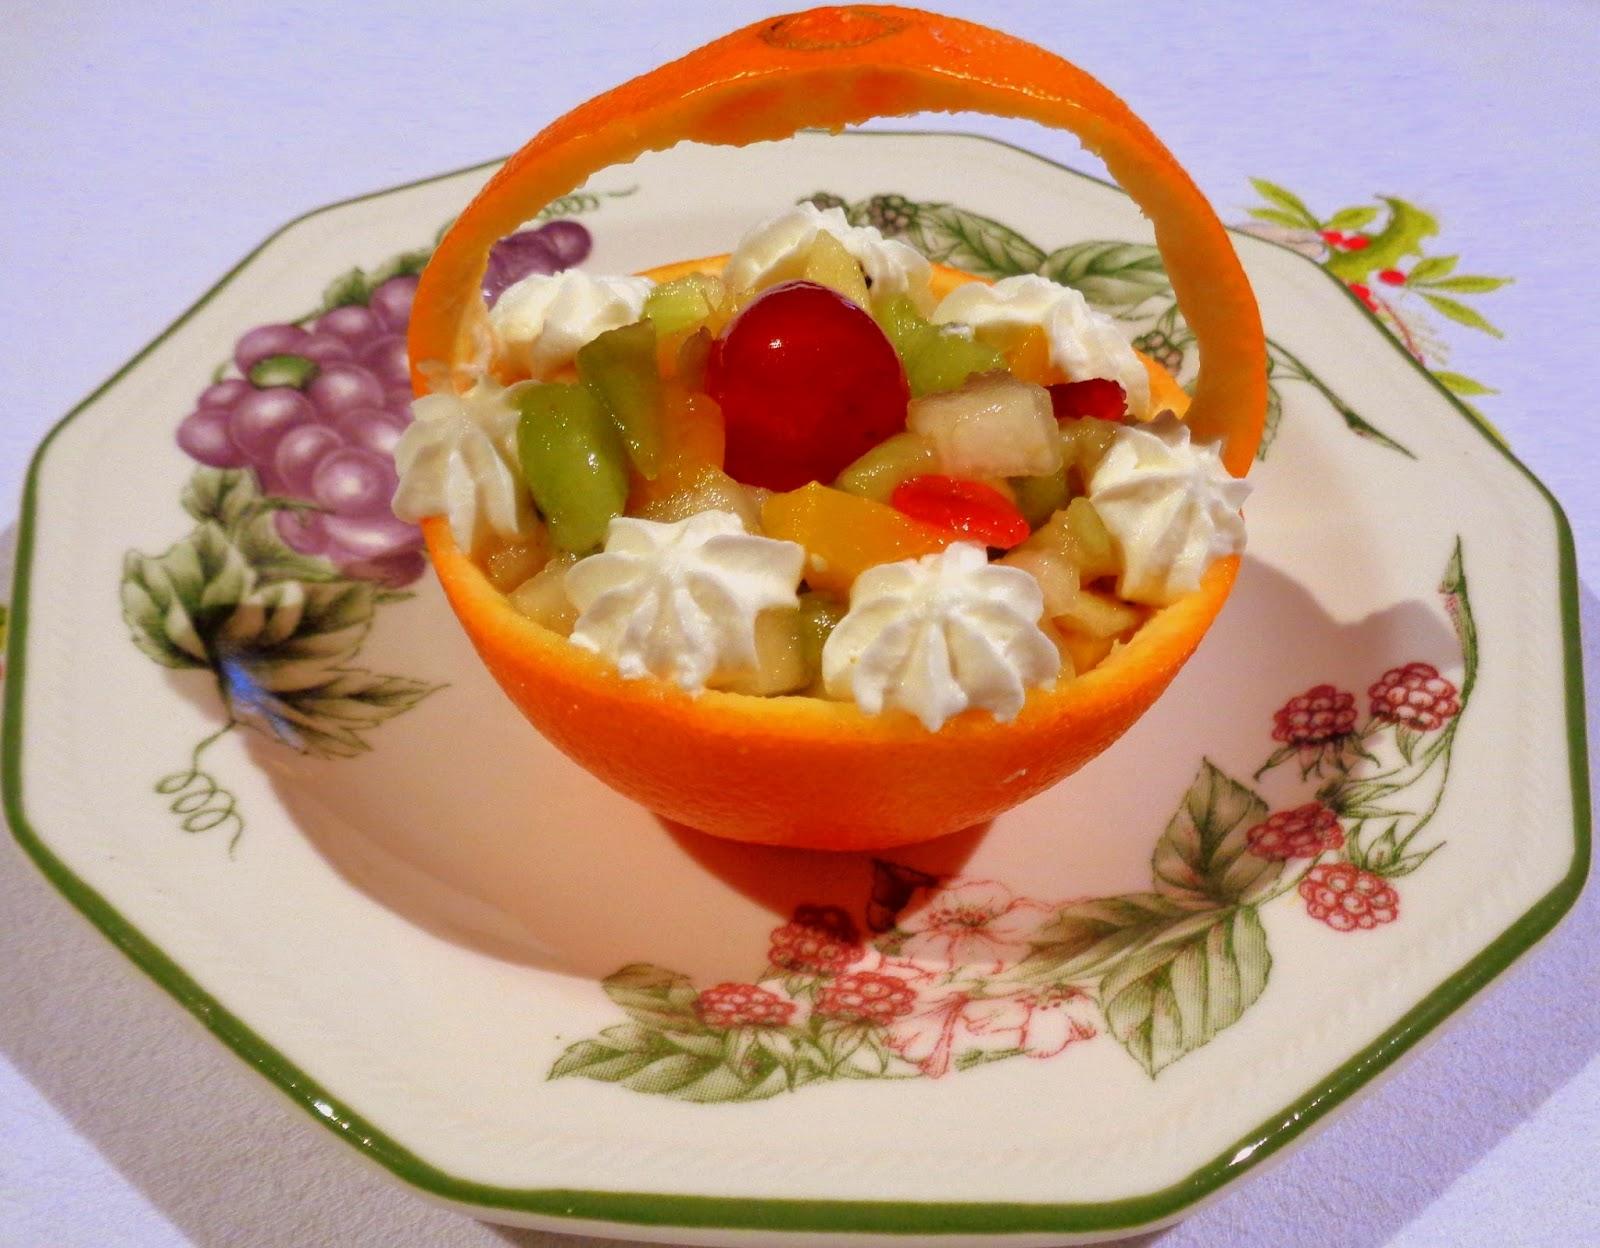 Recetas de mi madre y mias cestita de macedonia de frutas - Macedonia de frutas thermomix ...